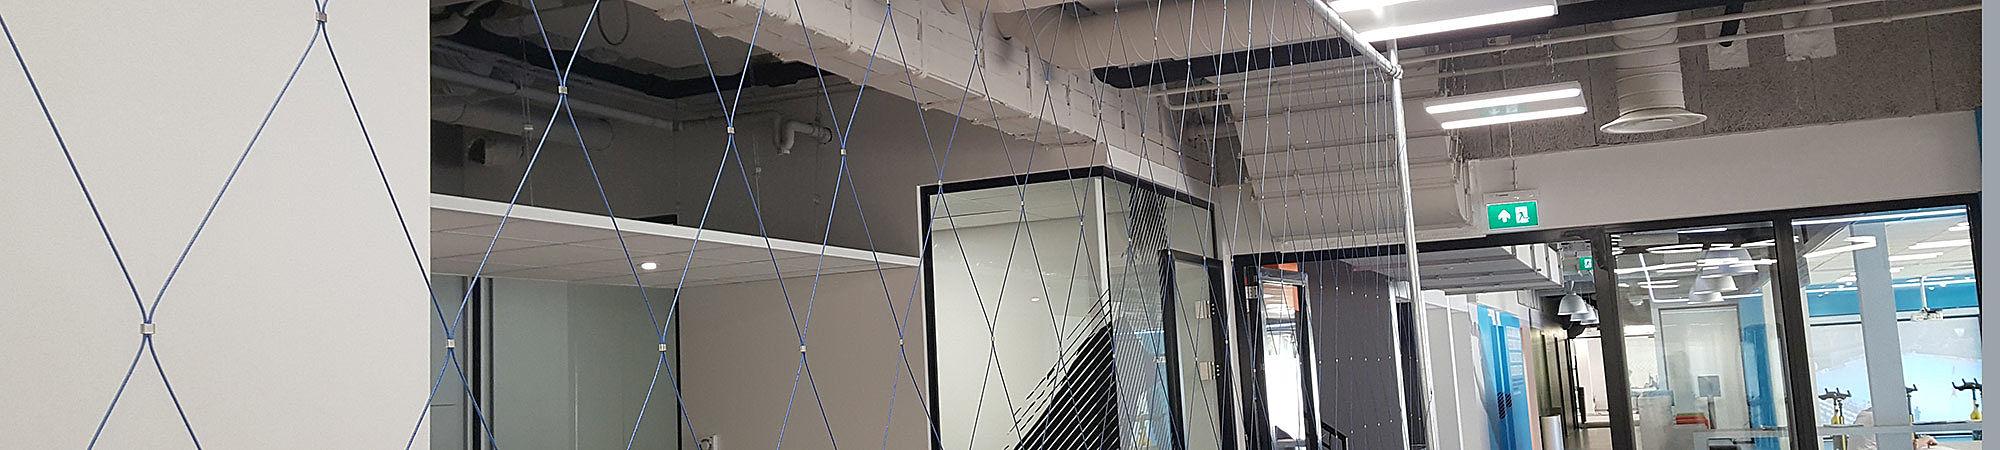 Blaues Netz Abtrennung Schutznetz X-TEND Edelstahl-Seilnetz